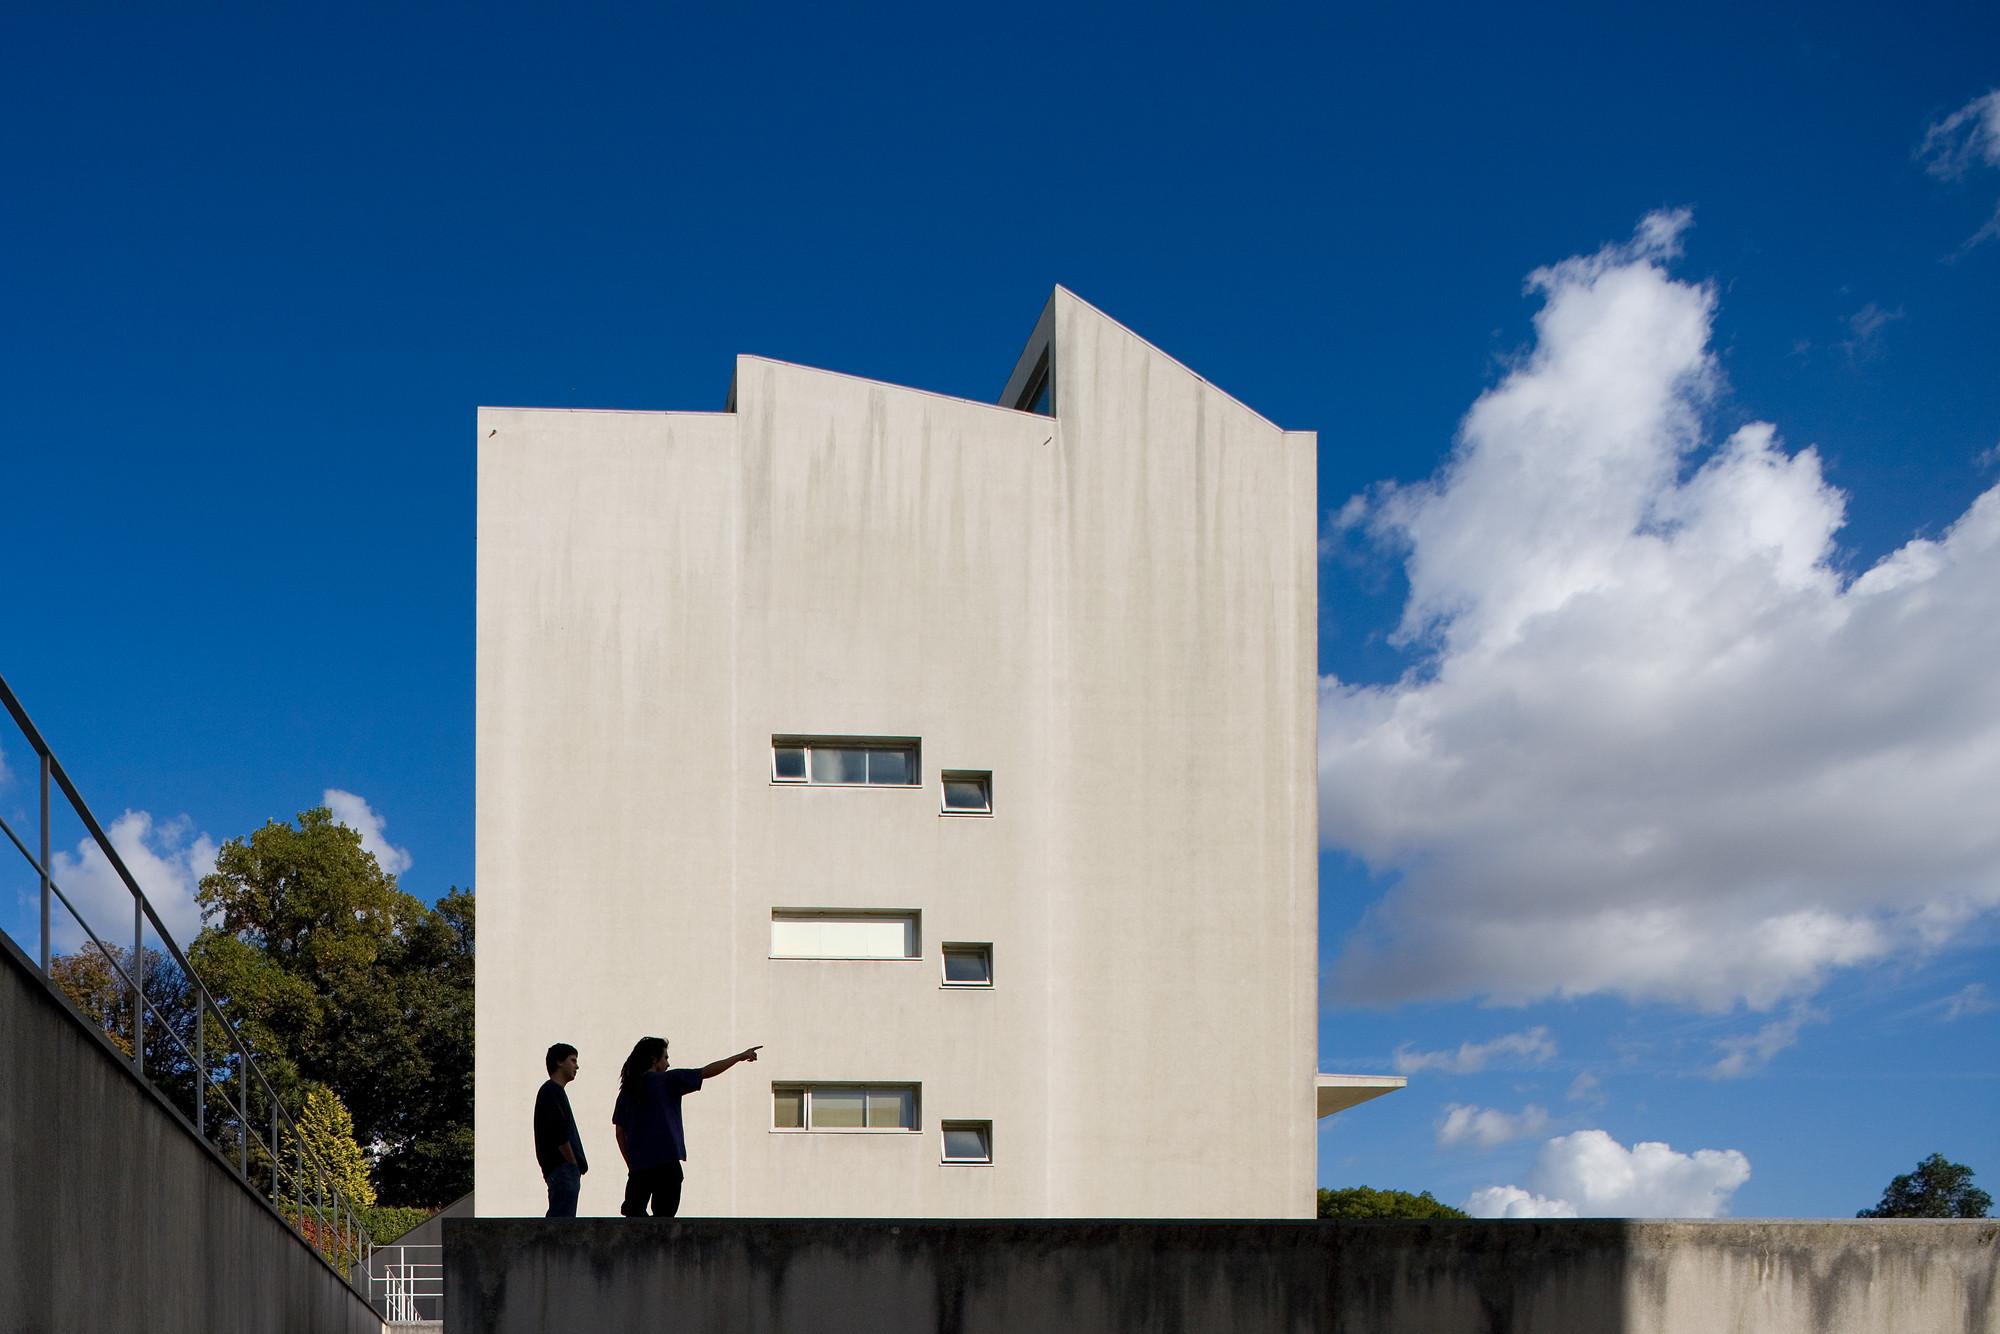 Porto School of Architecture - 1994. Image © Fernando Guerra | FG+SG